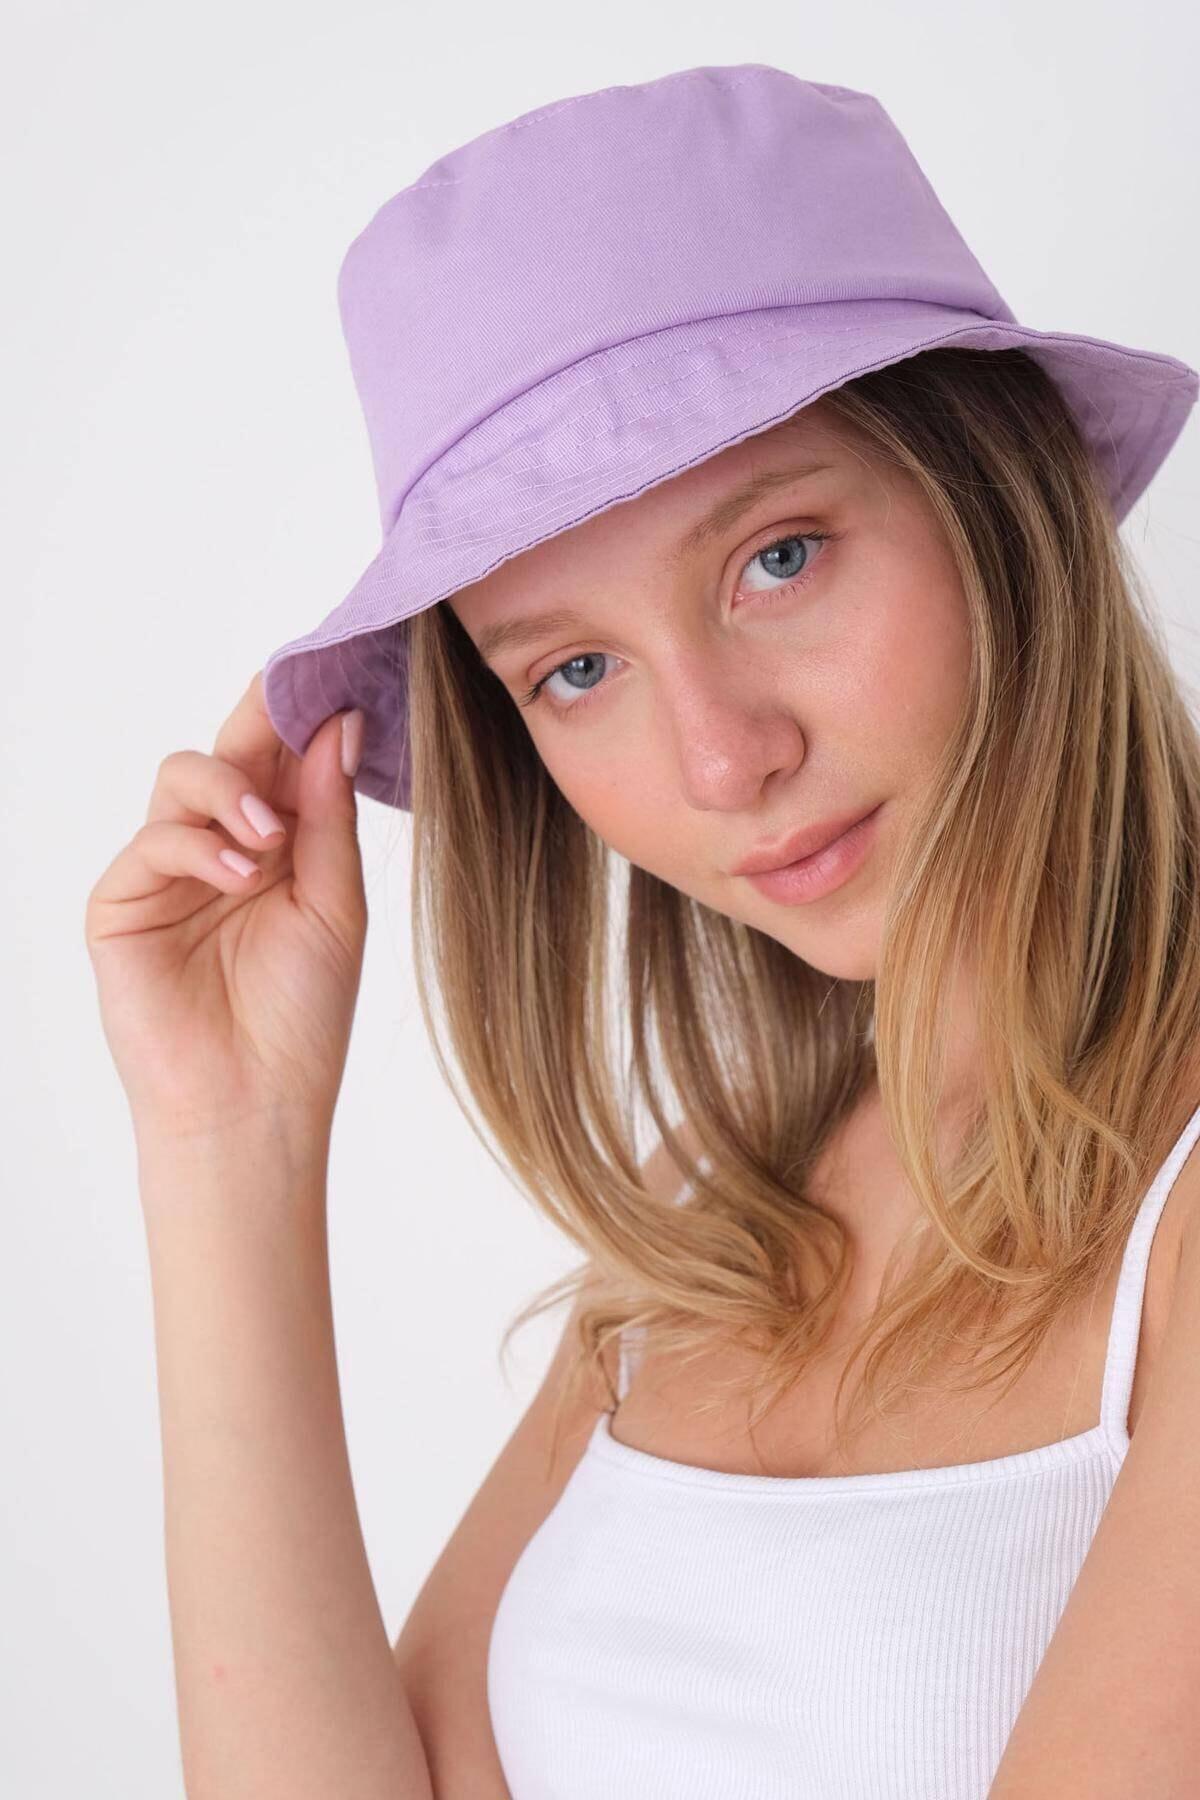 Addax Kadın Lila Şapka Şpk507 - H13 Adx-0000021483